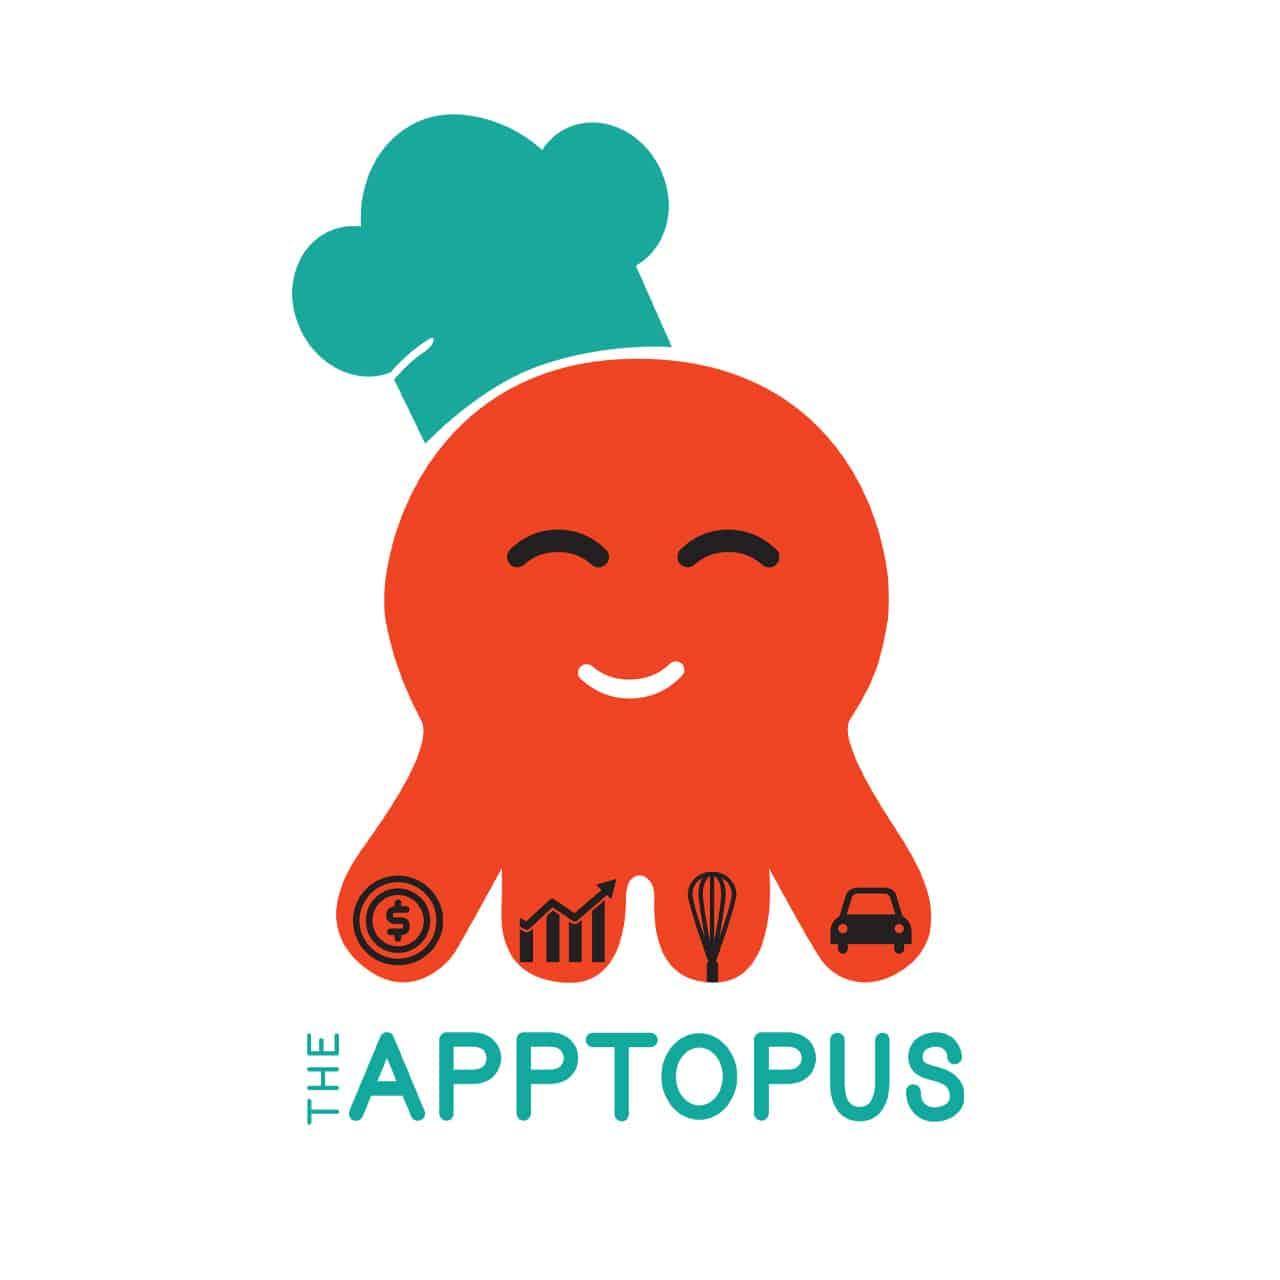 The Apptopus